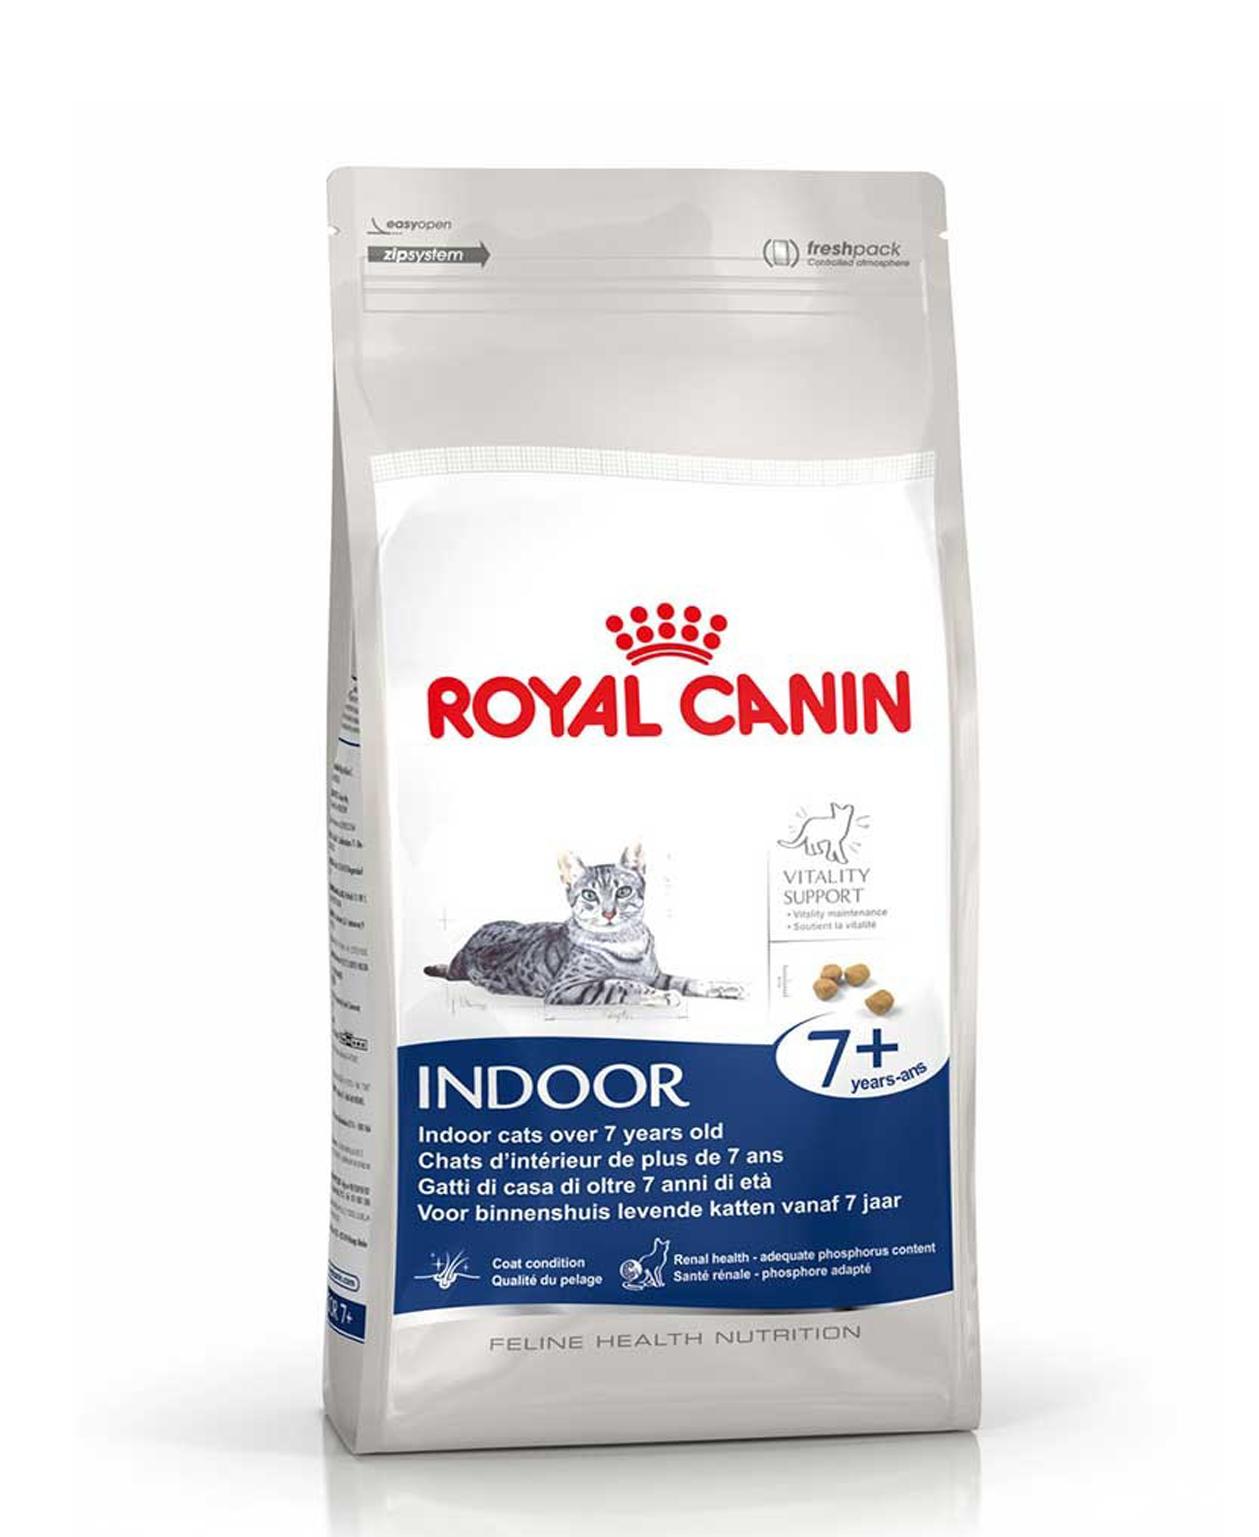 Croquettes Royal Canin Indoor 7ans et plus - 3,5kg pour Chat